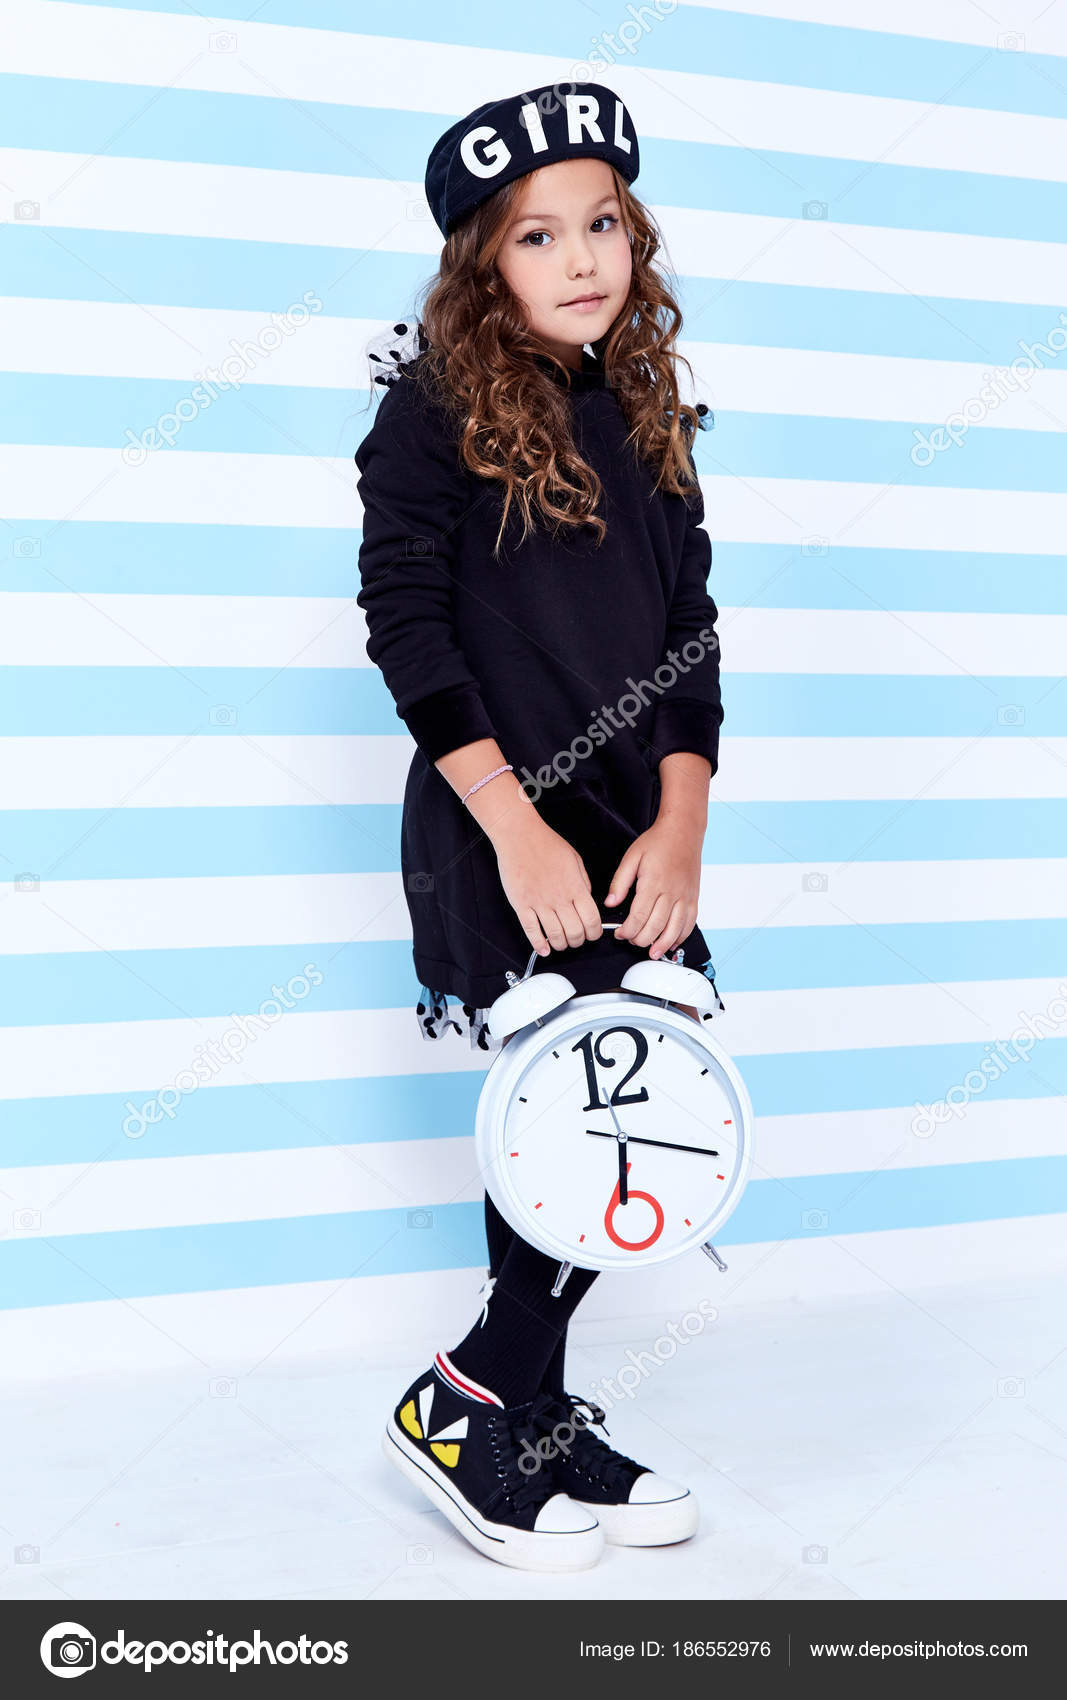 Escuela pequeño bebé niña vestido de colegiala pupila boina calcetines  sombrero divertido smile estudios de juguete de pelo rizado aprendizaje  infancia de ... bf6dfdcd73f